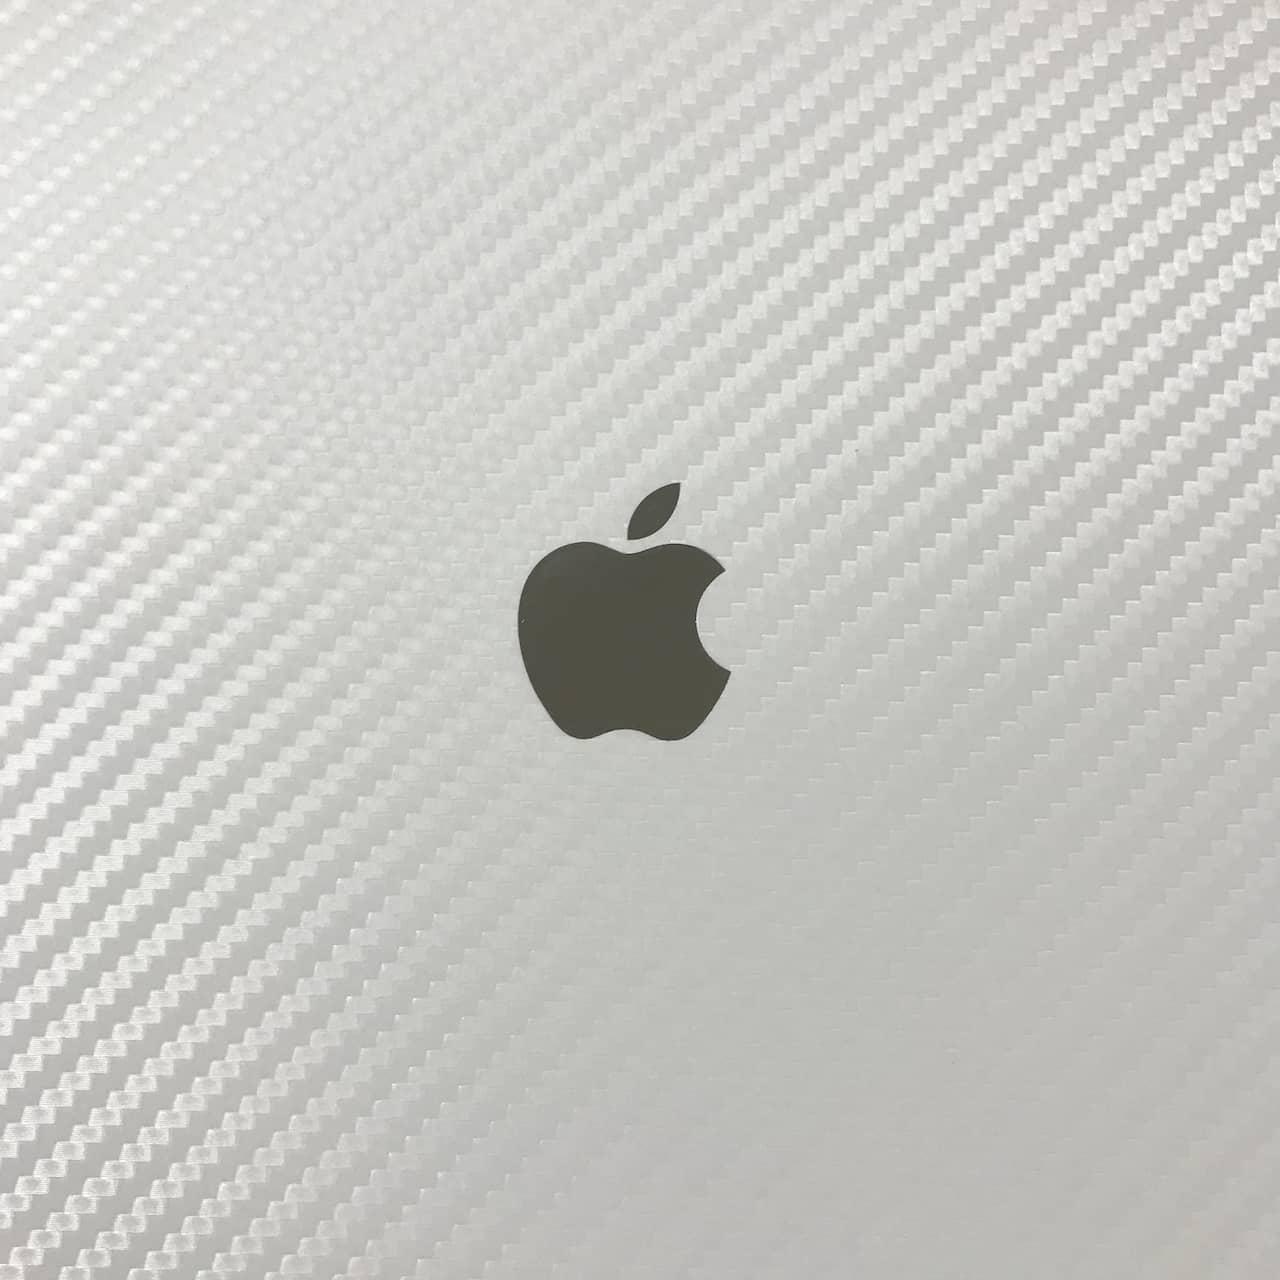 正方形の真ん中にApple のシルバーロゴがあります。